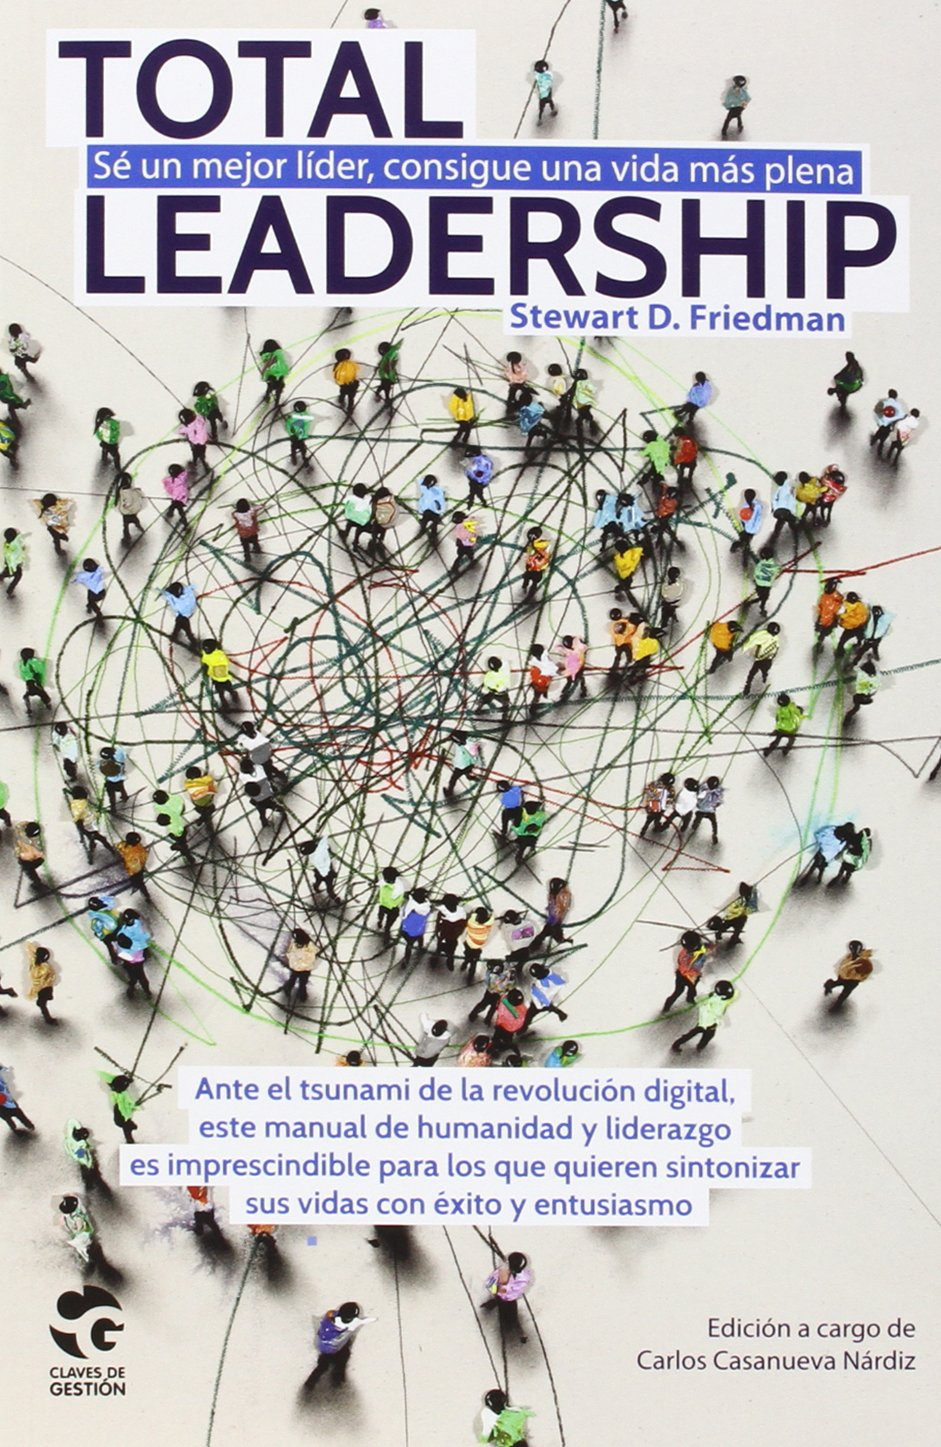 TOTAL LEADERSHIP: Sé un mejor líder, consigue una vida más plena: Amazon.es: Stewart D. Friedman: Libros